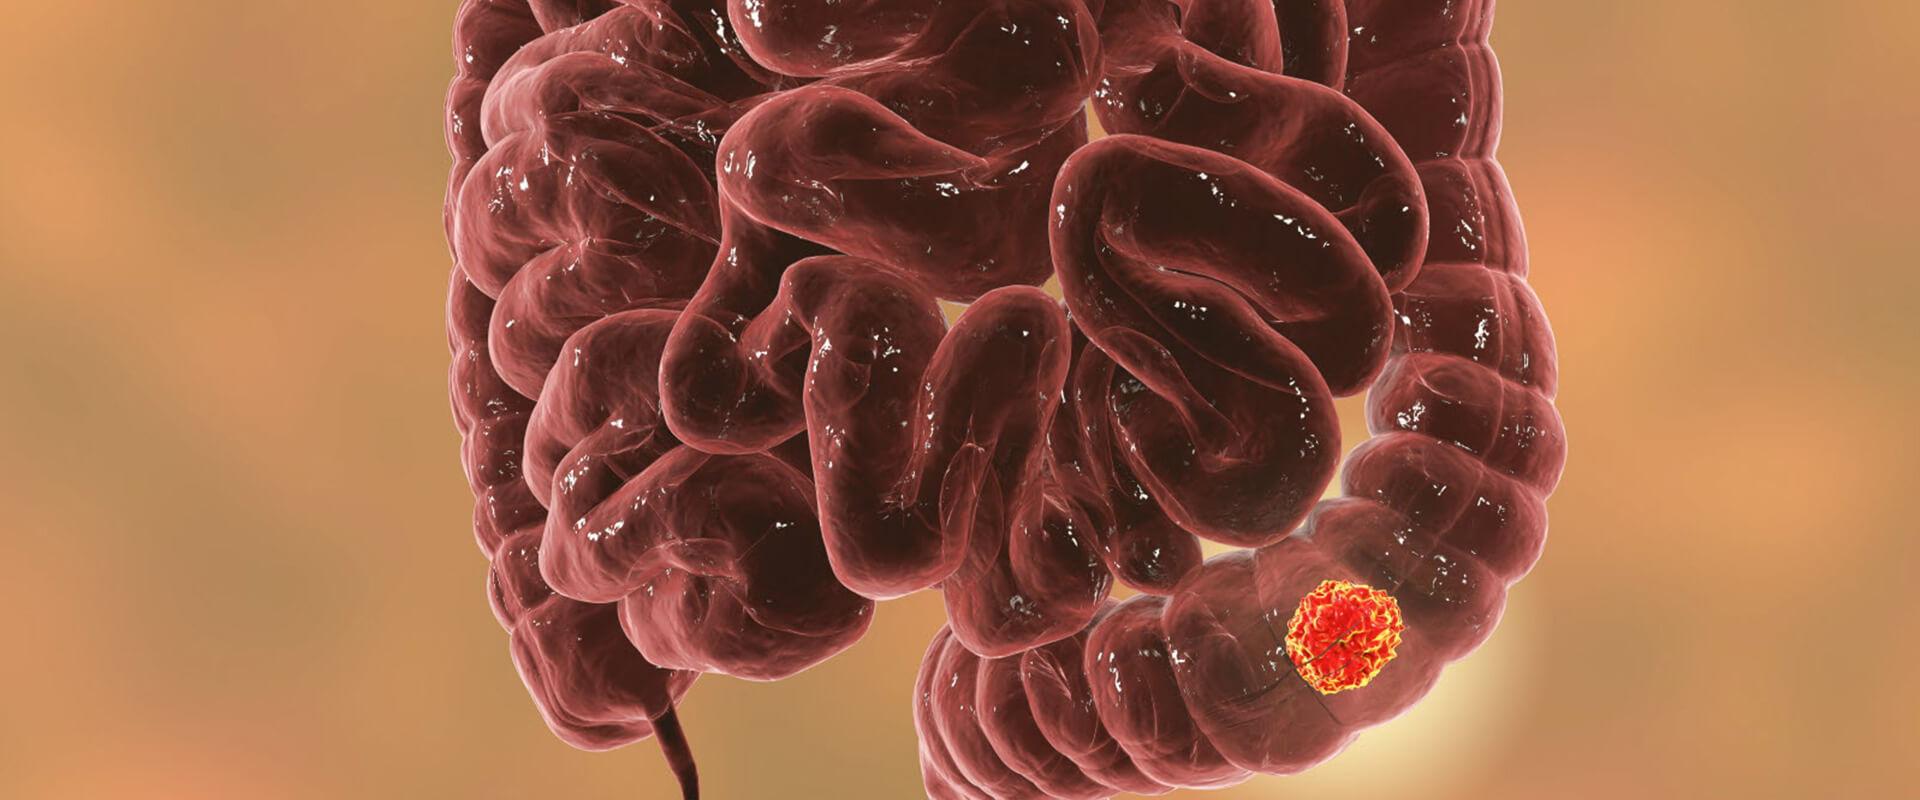 Câncer de intestino grosso e reto